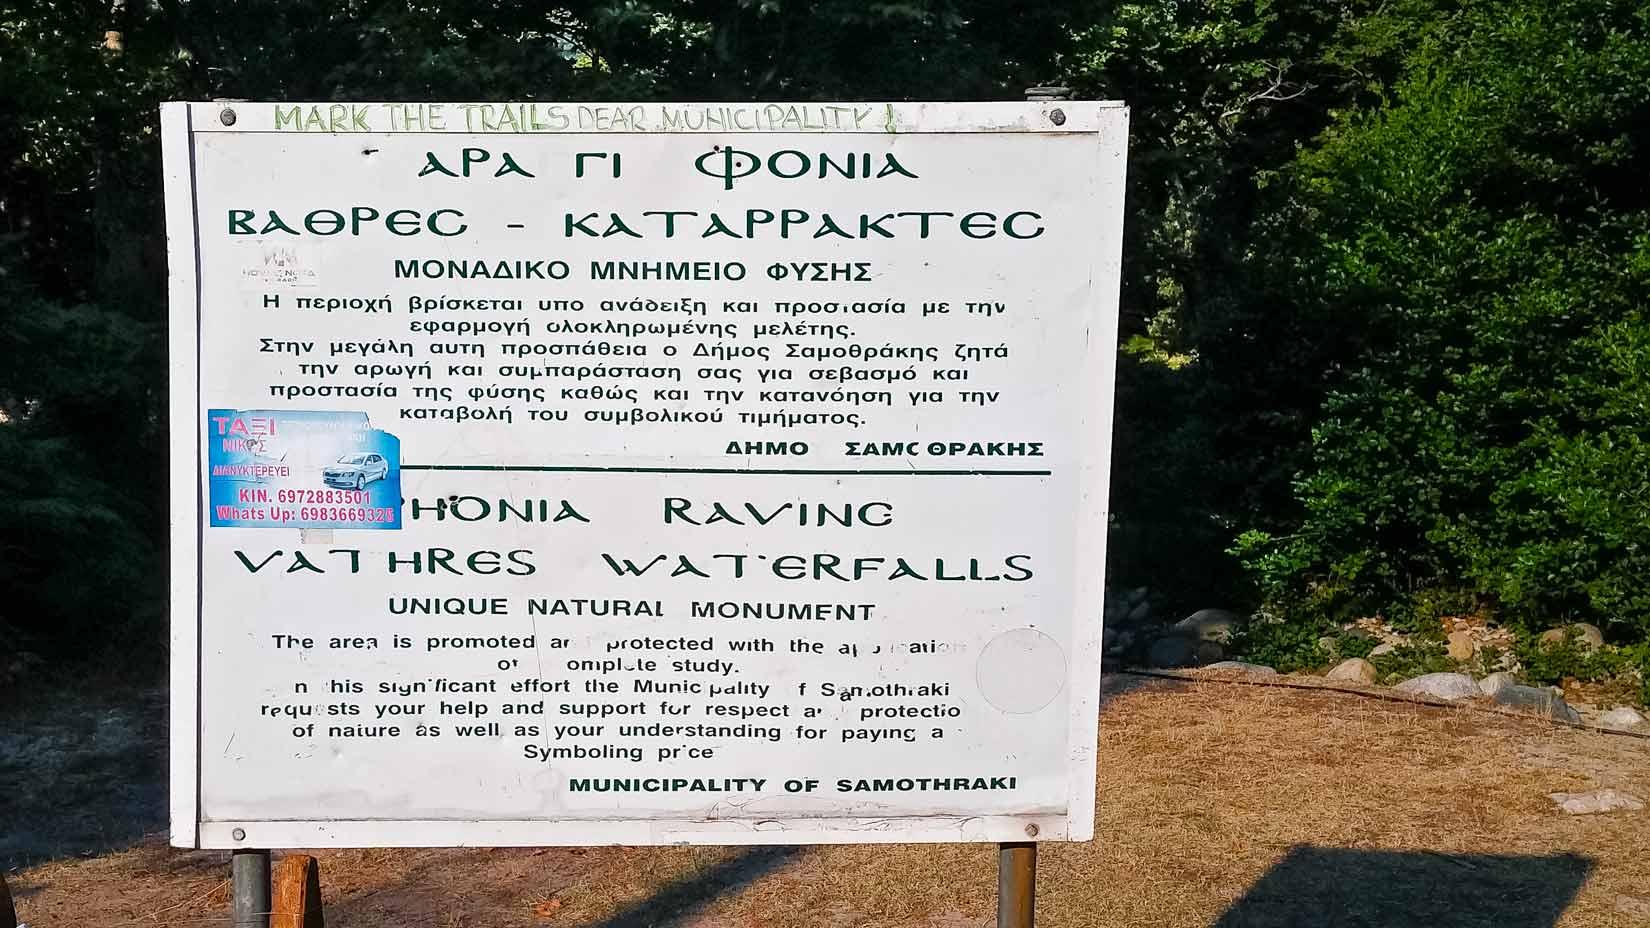 Parkoviště - počátek stezky údolím Fonias